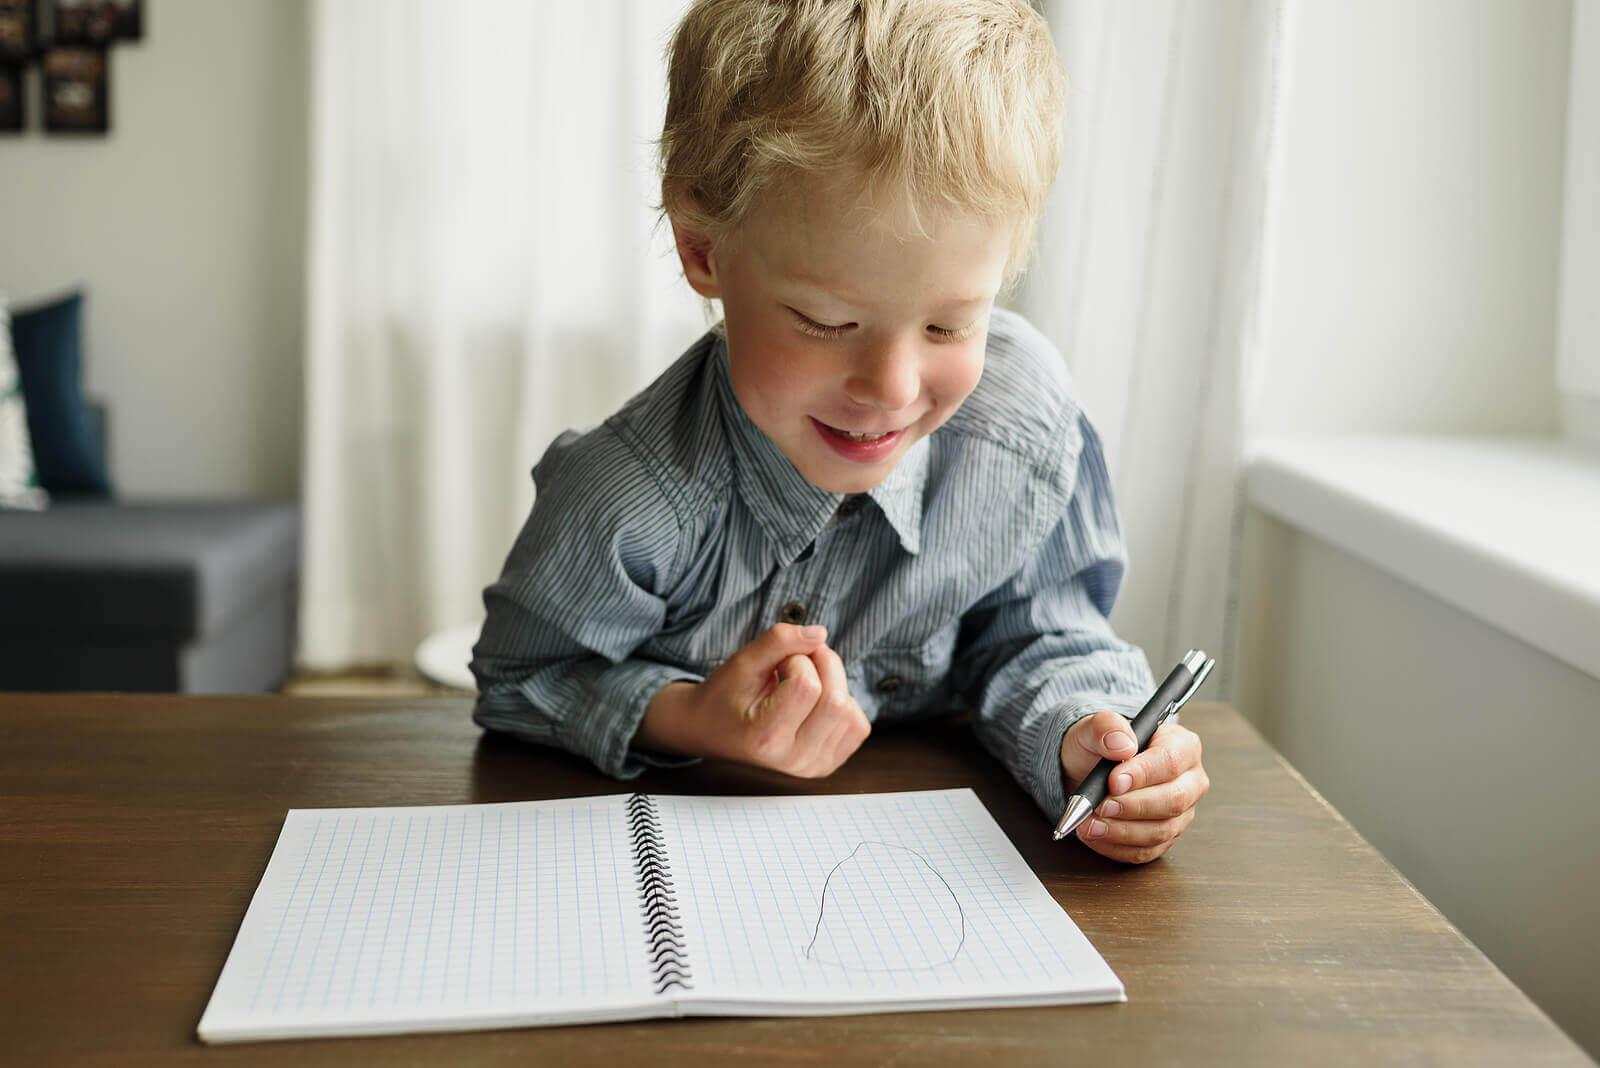 sol elli çocuk resim çiziyor